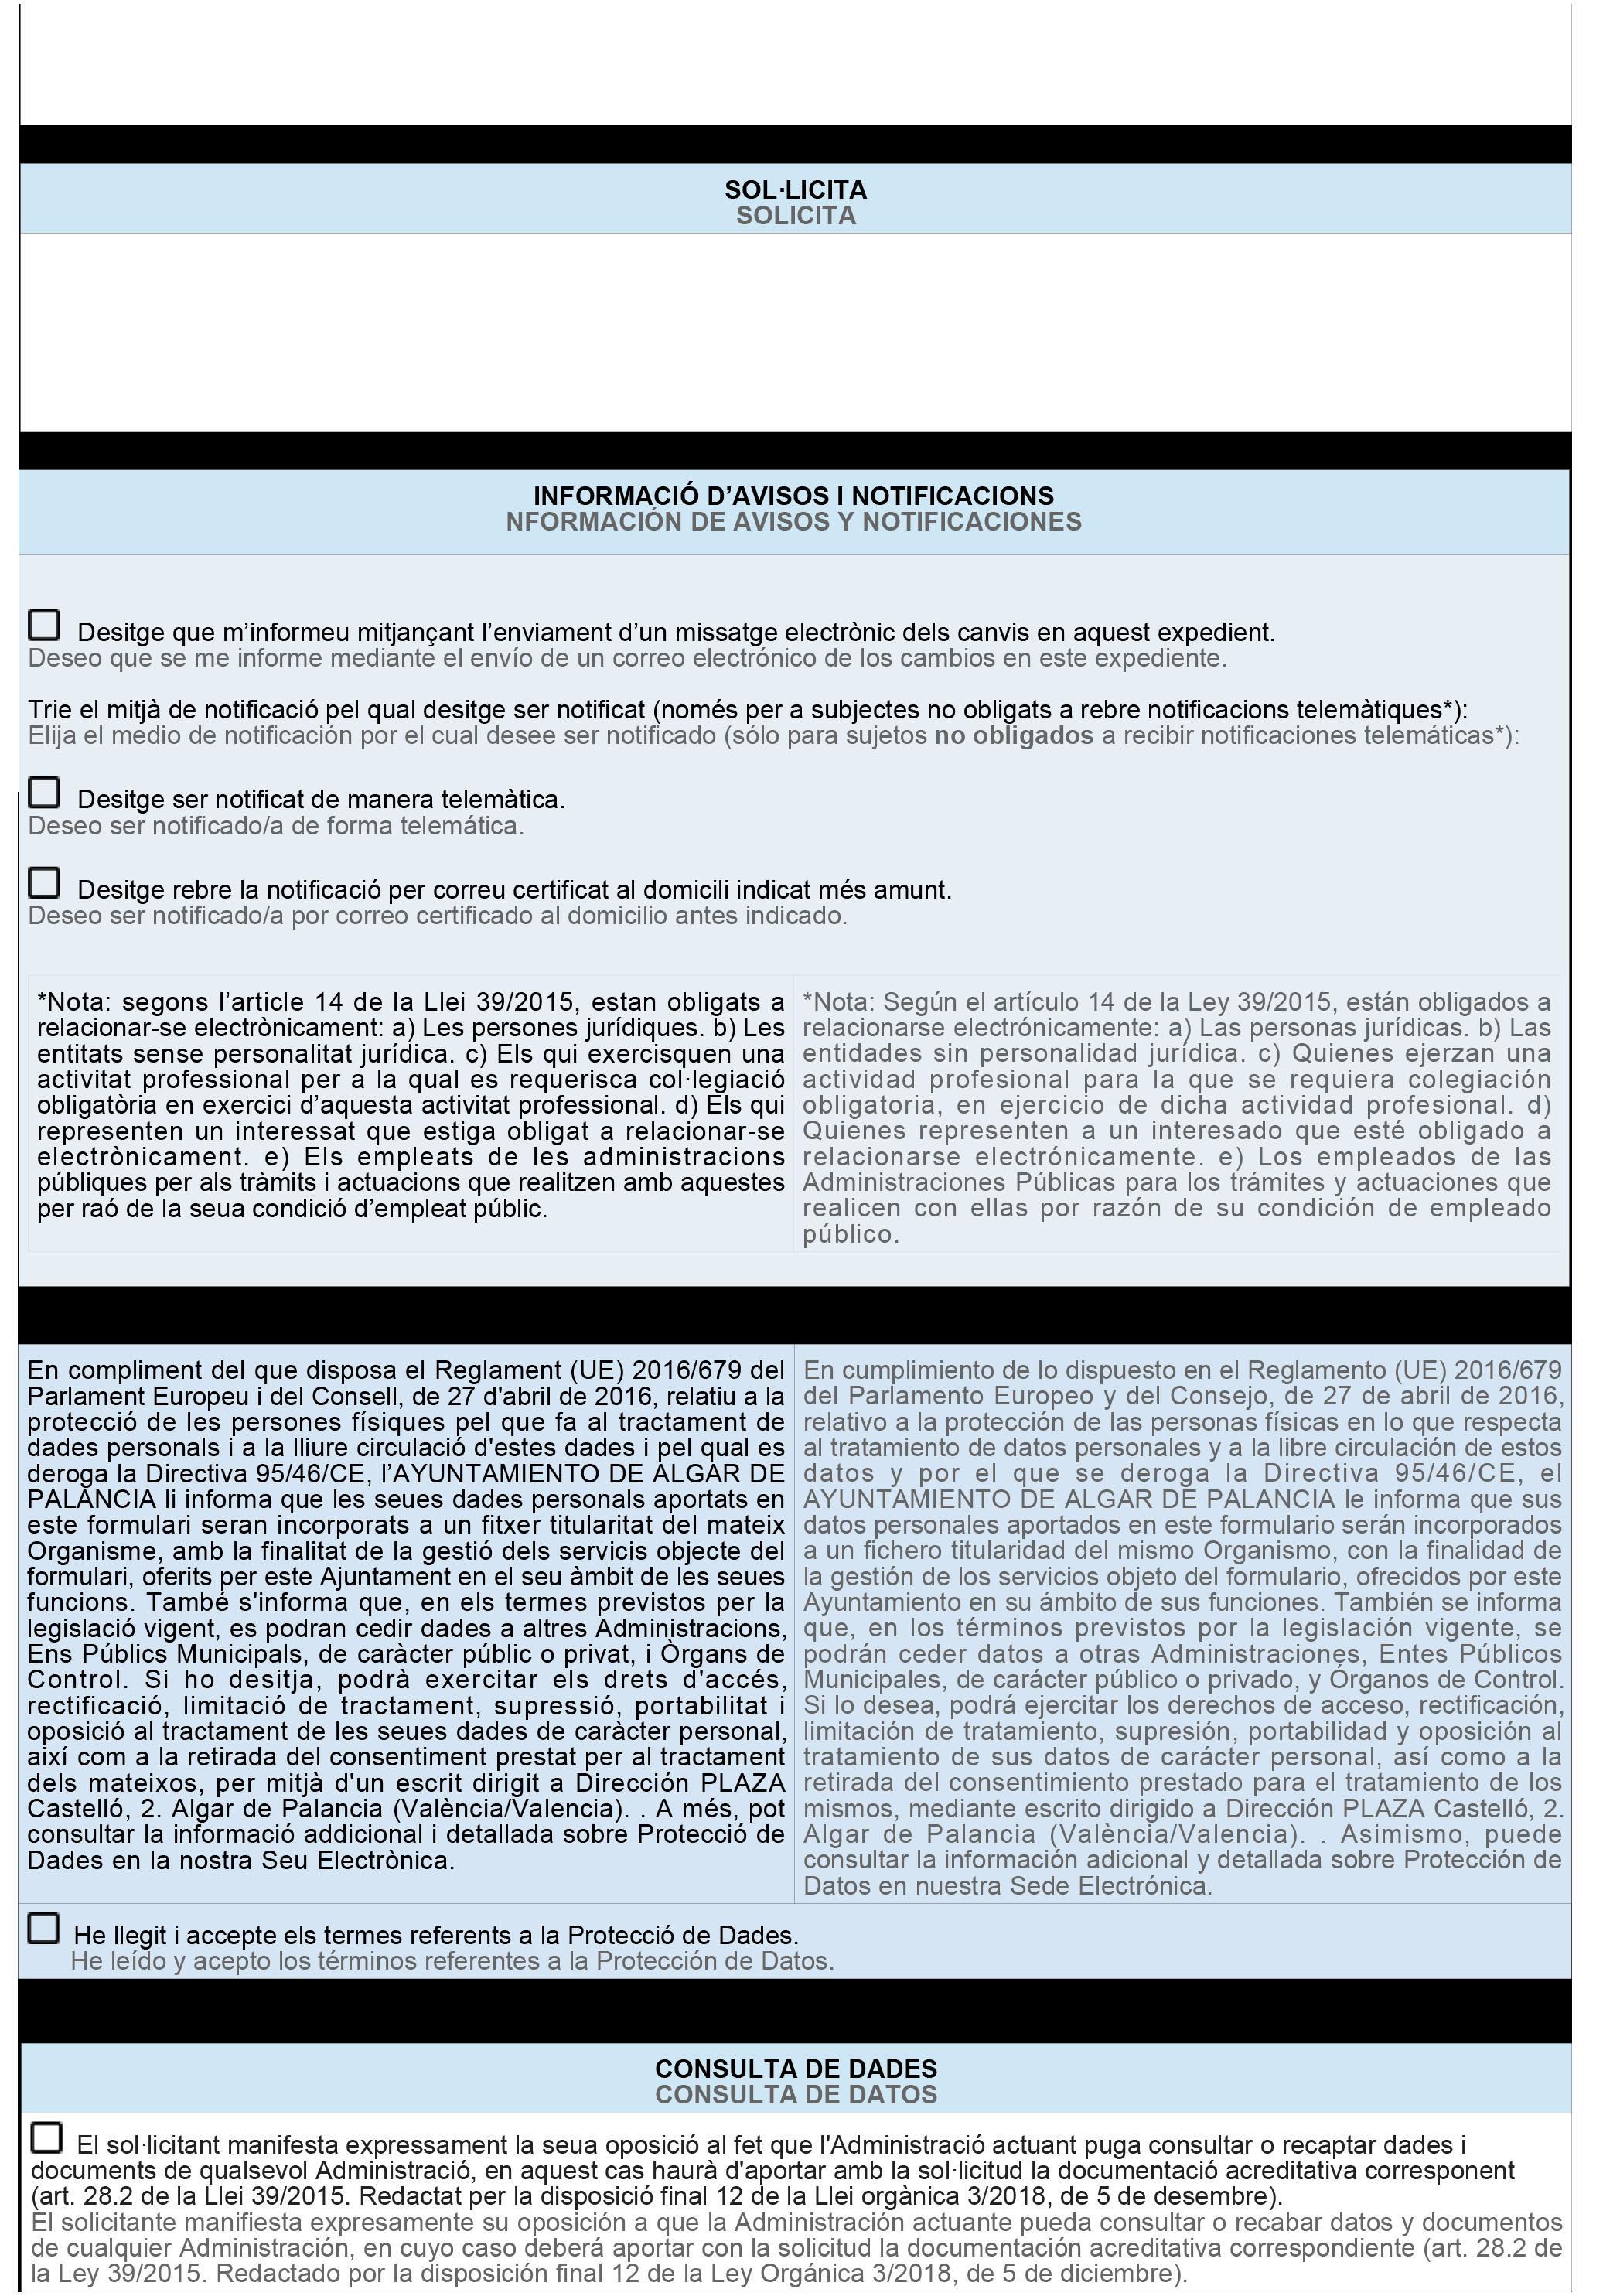 Impreso Declaración Responsable Segunda Ocupación - Algar de Palancia 2